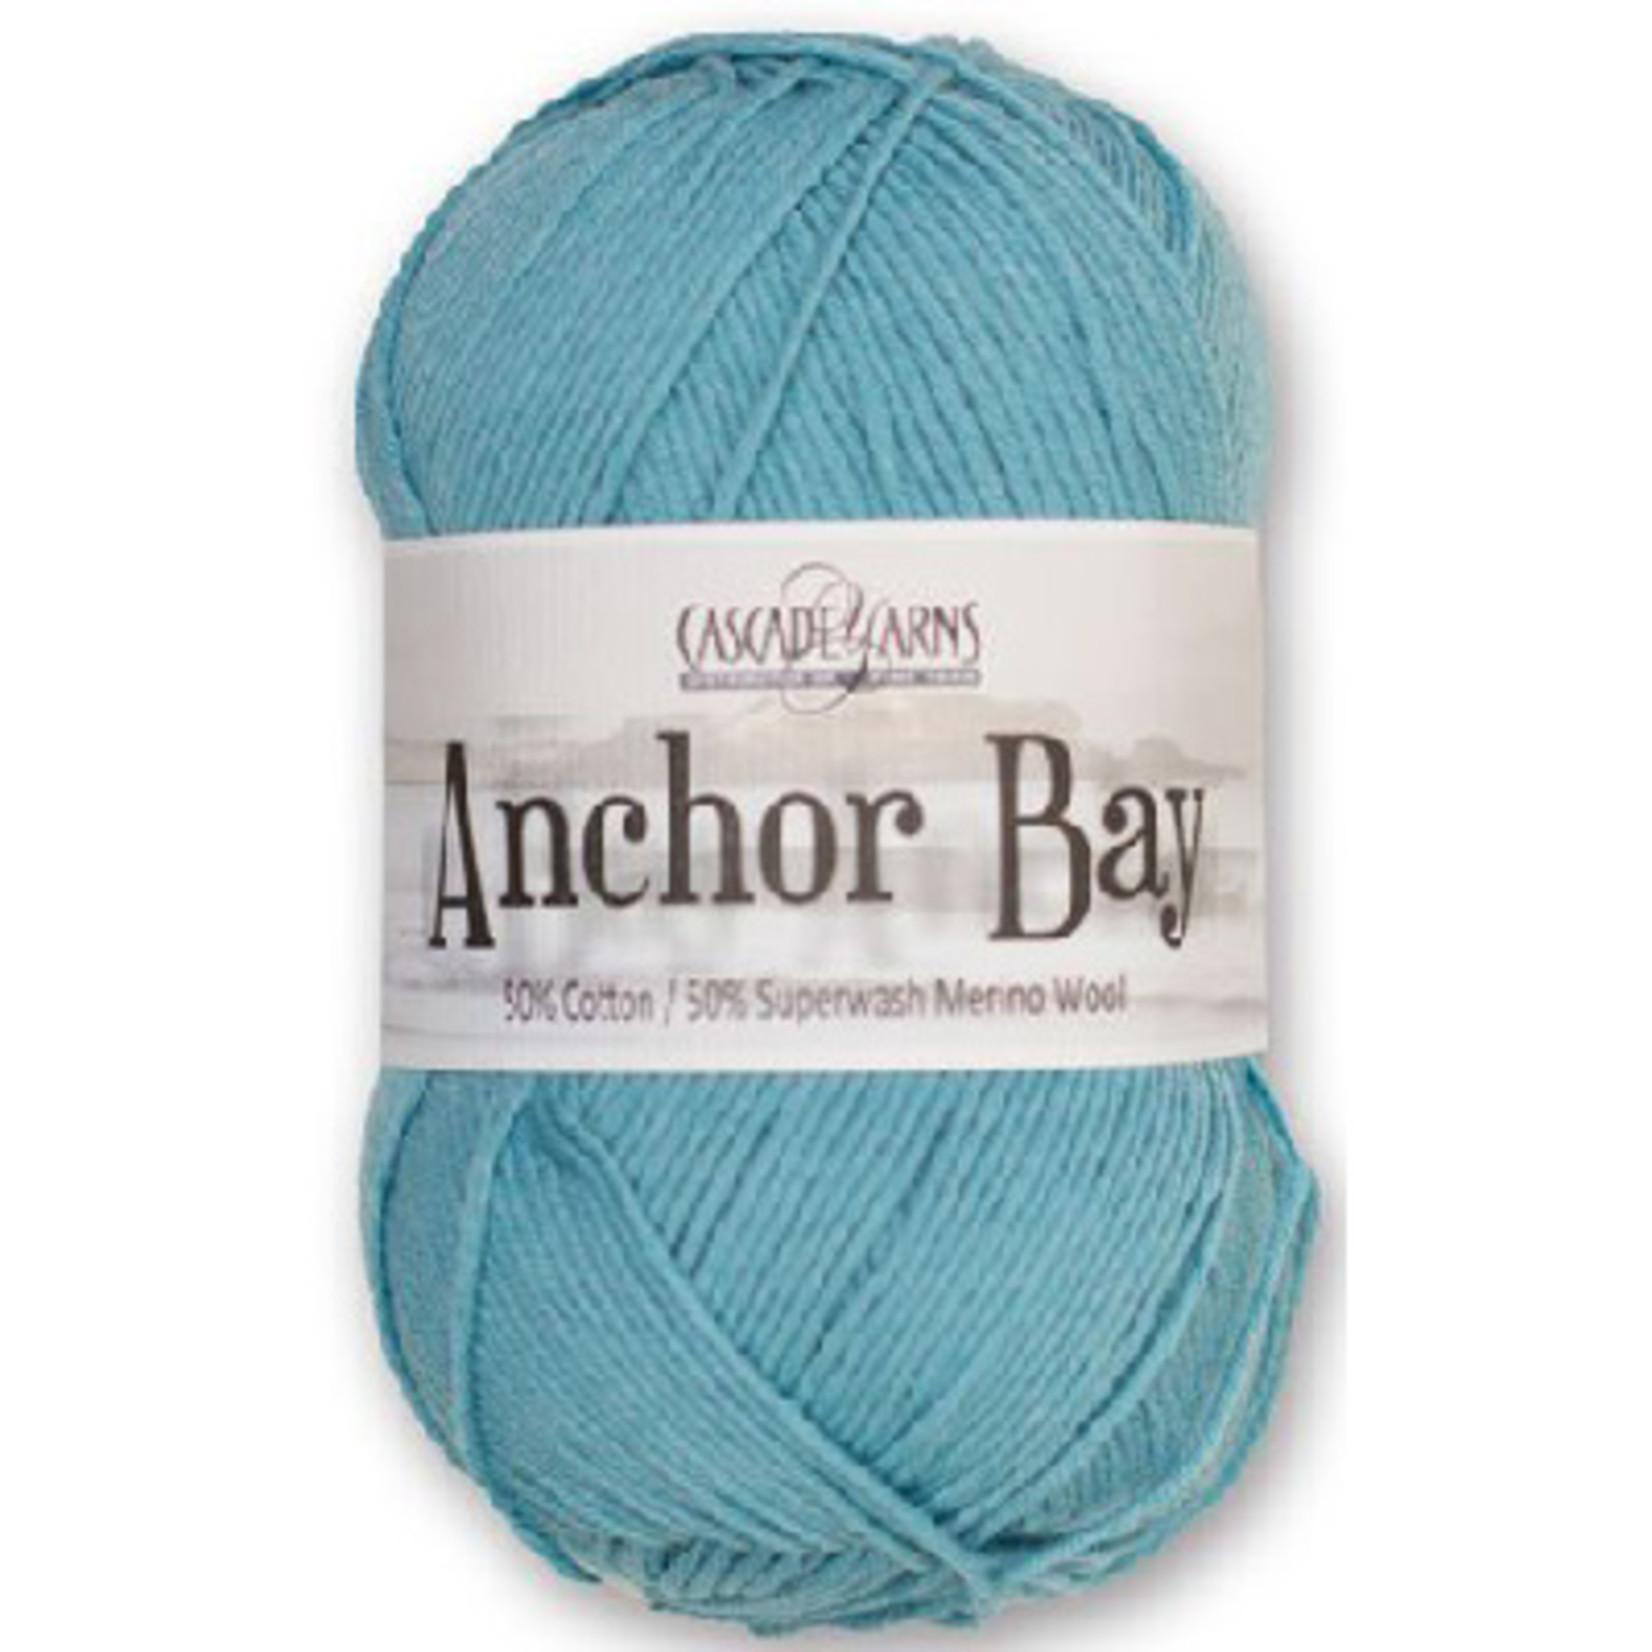 Cascade Yarns Anchor Bay